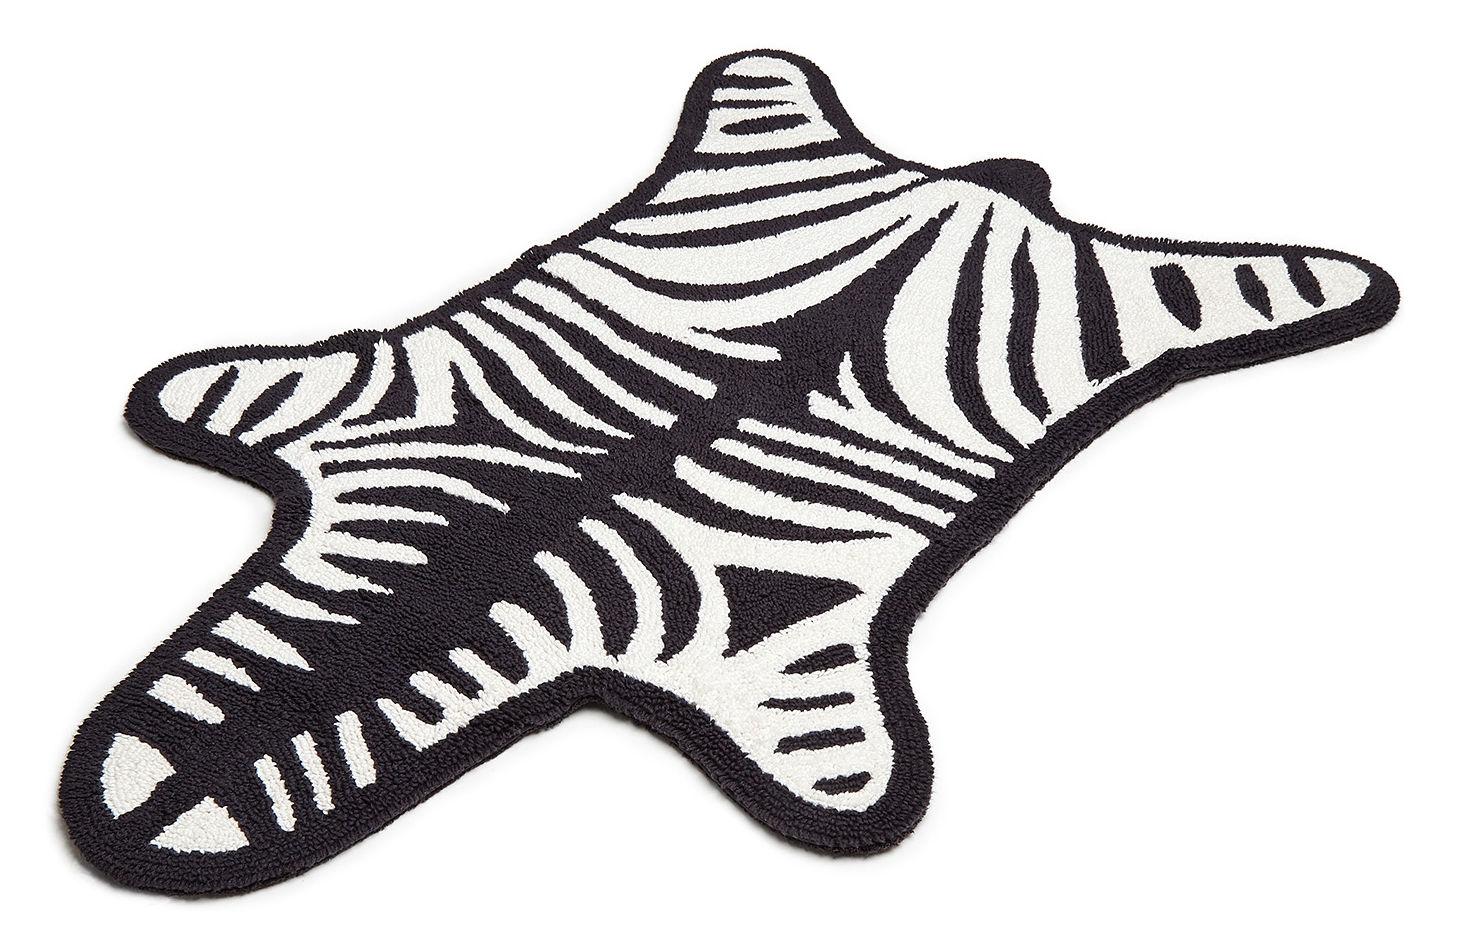 Zebra Bath Mat Reversible 112 X 79 Cm White Black By